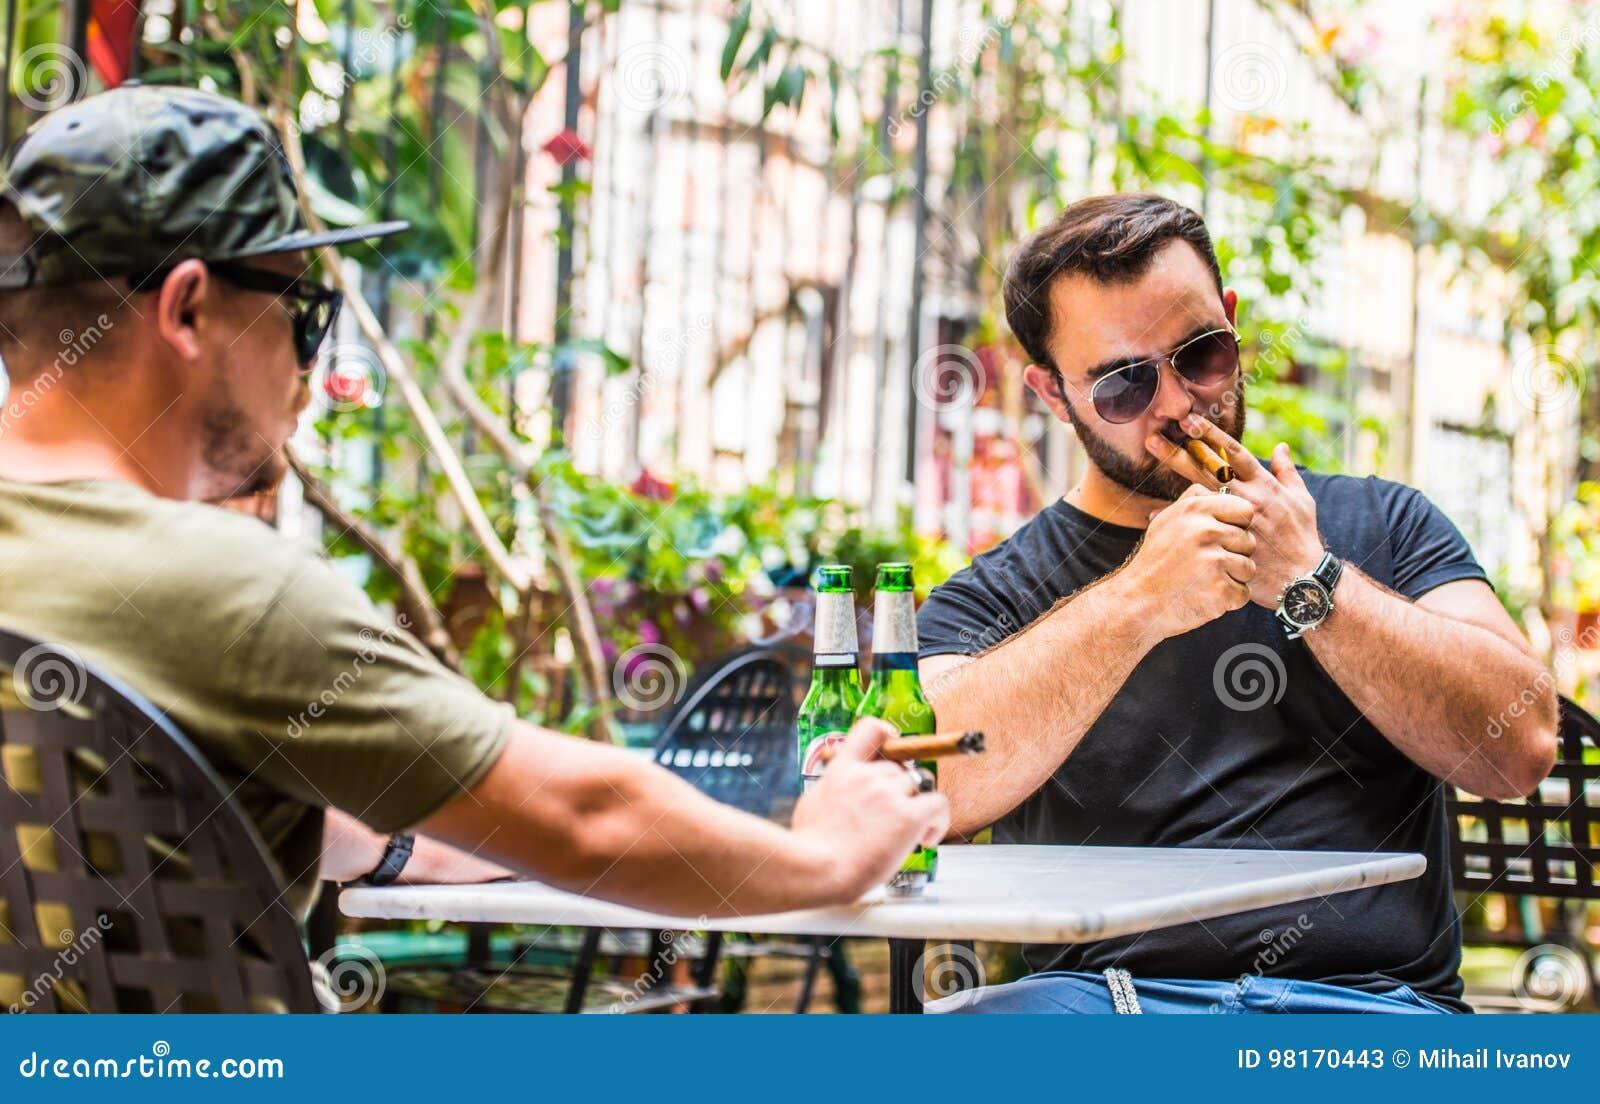 Trinkende Biere und Rauchen einer Zigarre